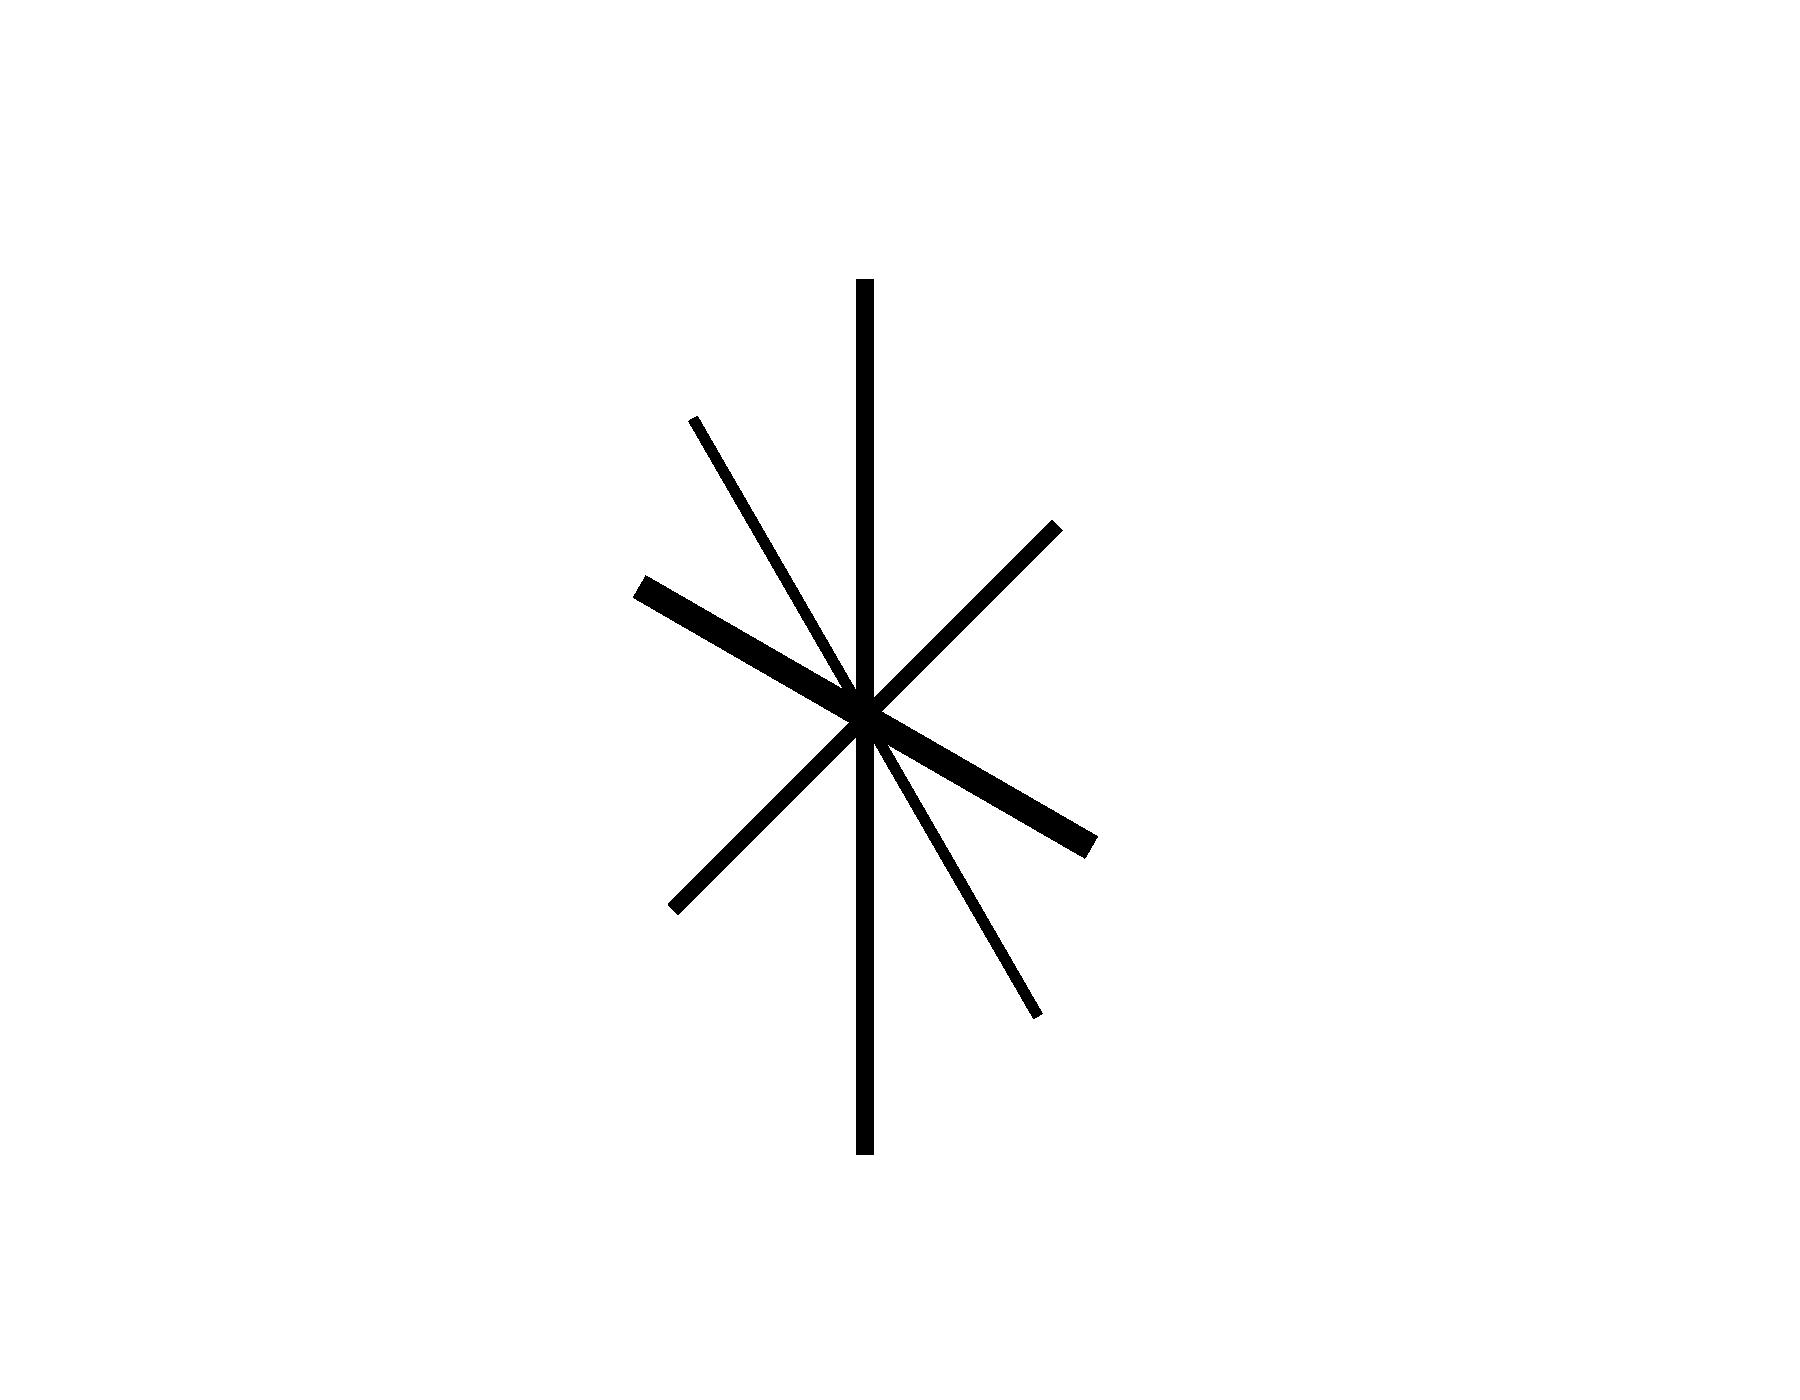 1800x1400 Retro Star Clipart